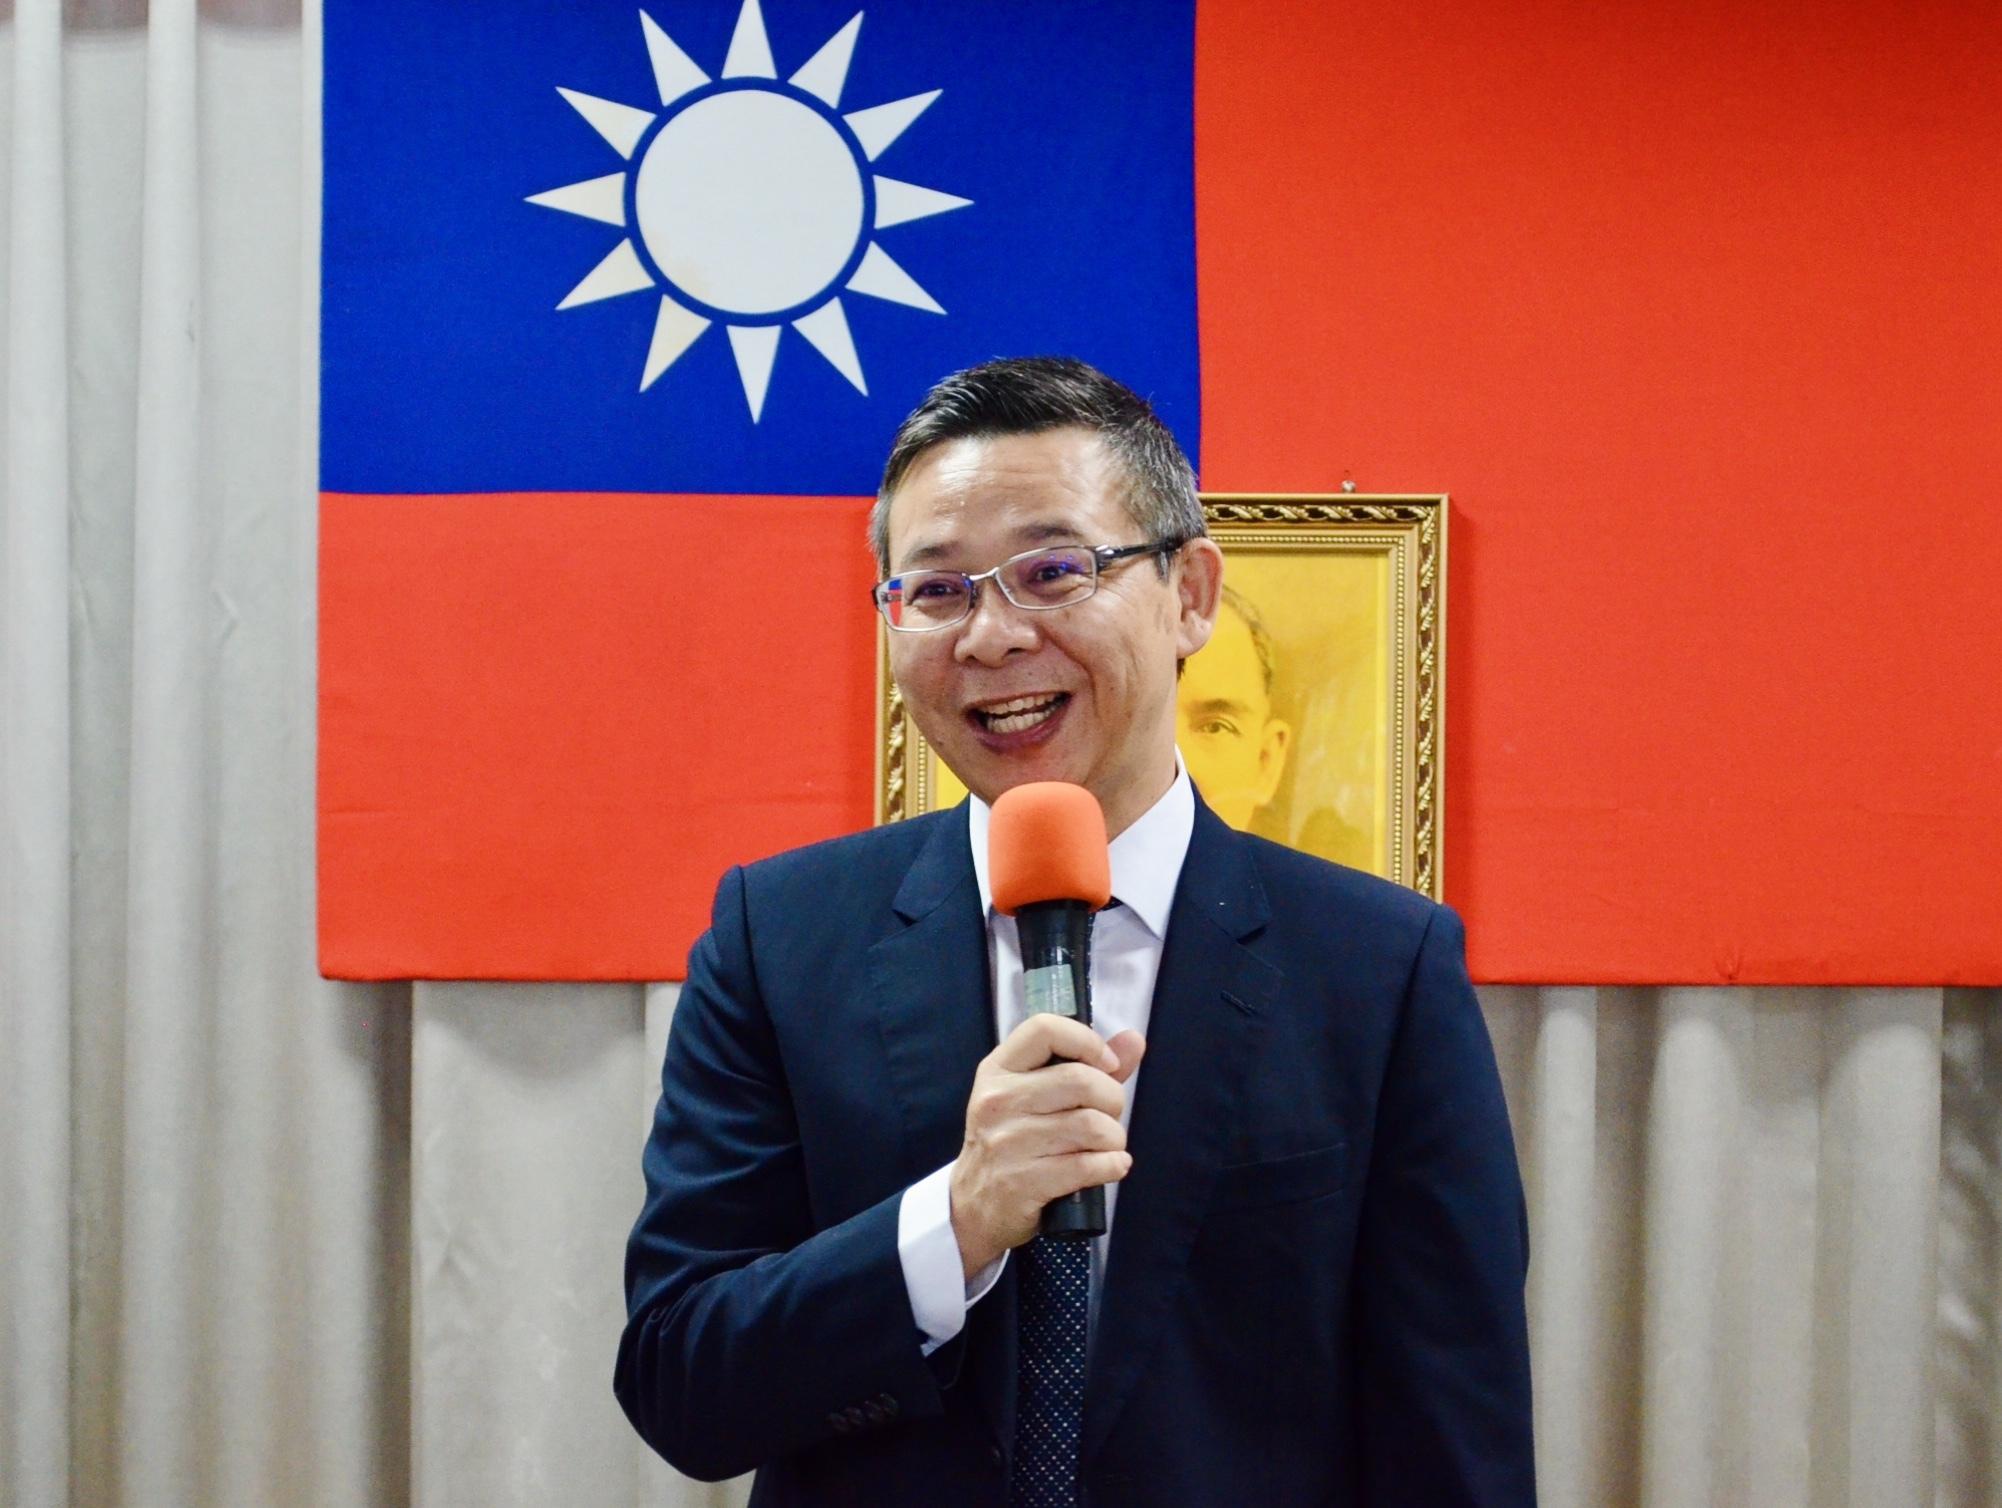 國立教育廣播電臺臺長